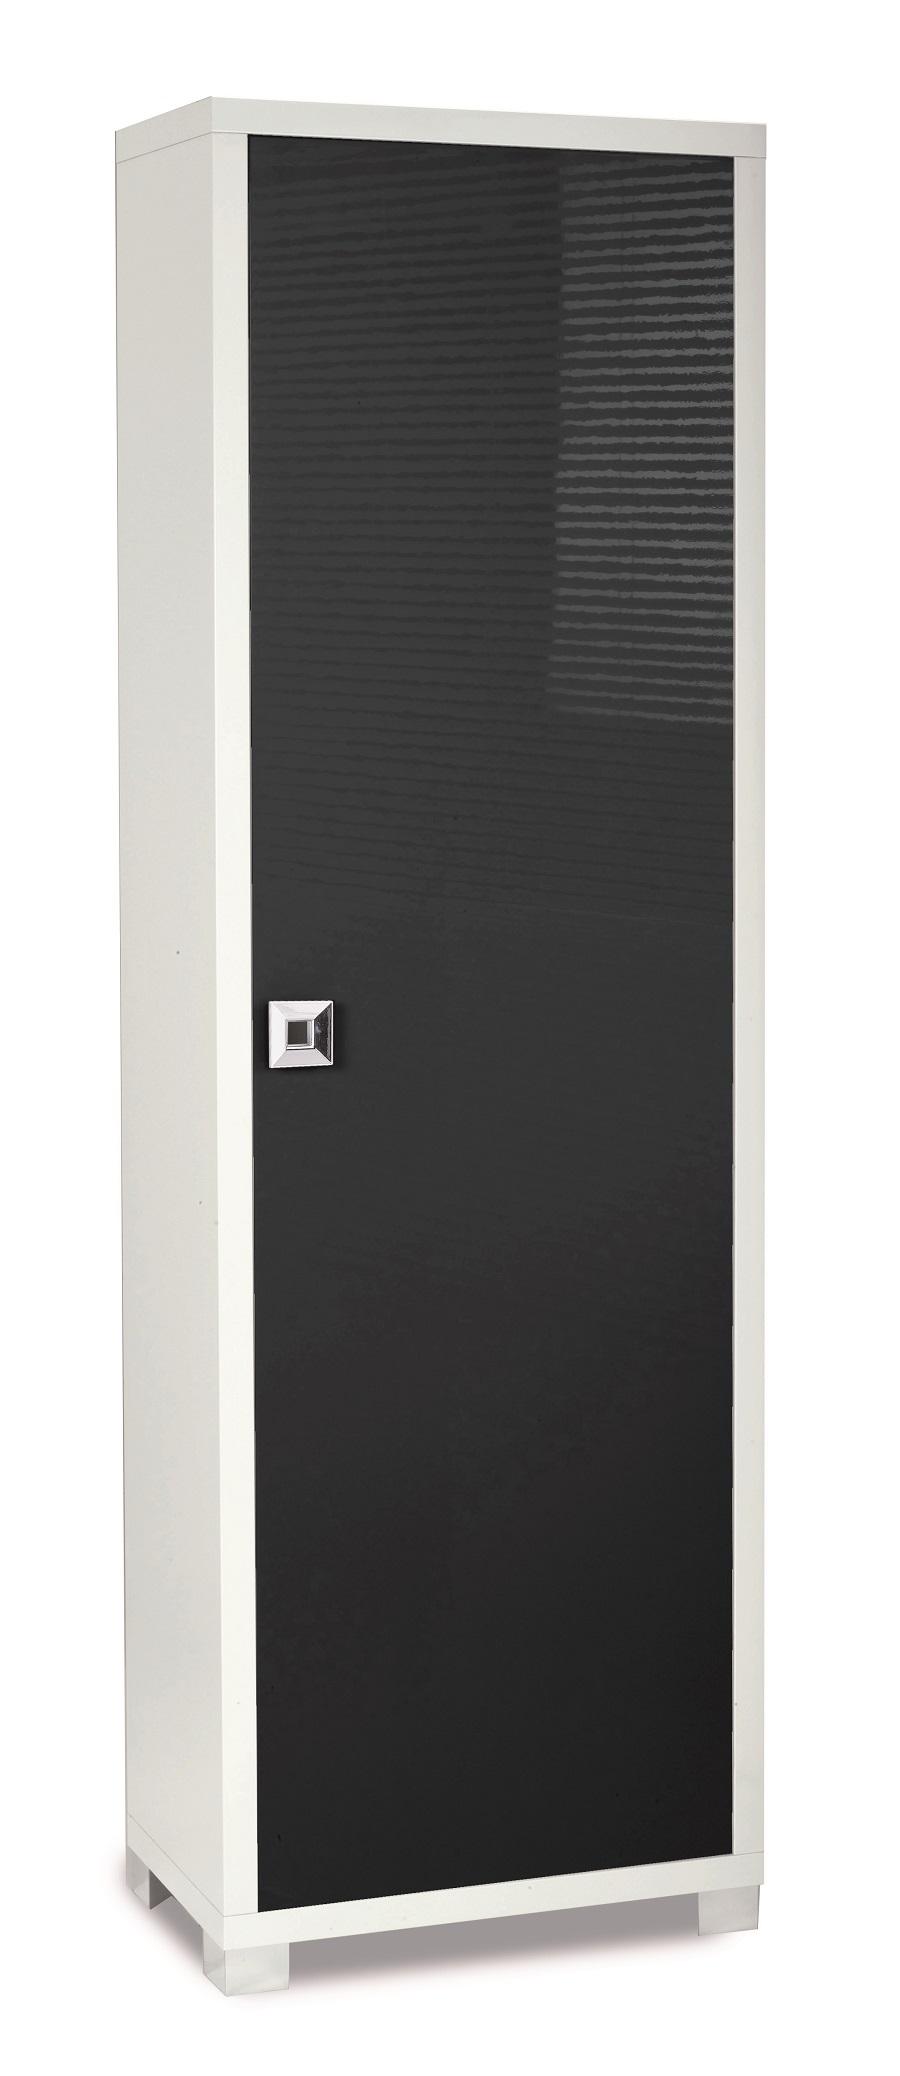 Mobile alto armadio design moderno camera legno lucido - Mobile alto bagno ...